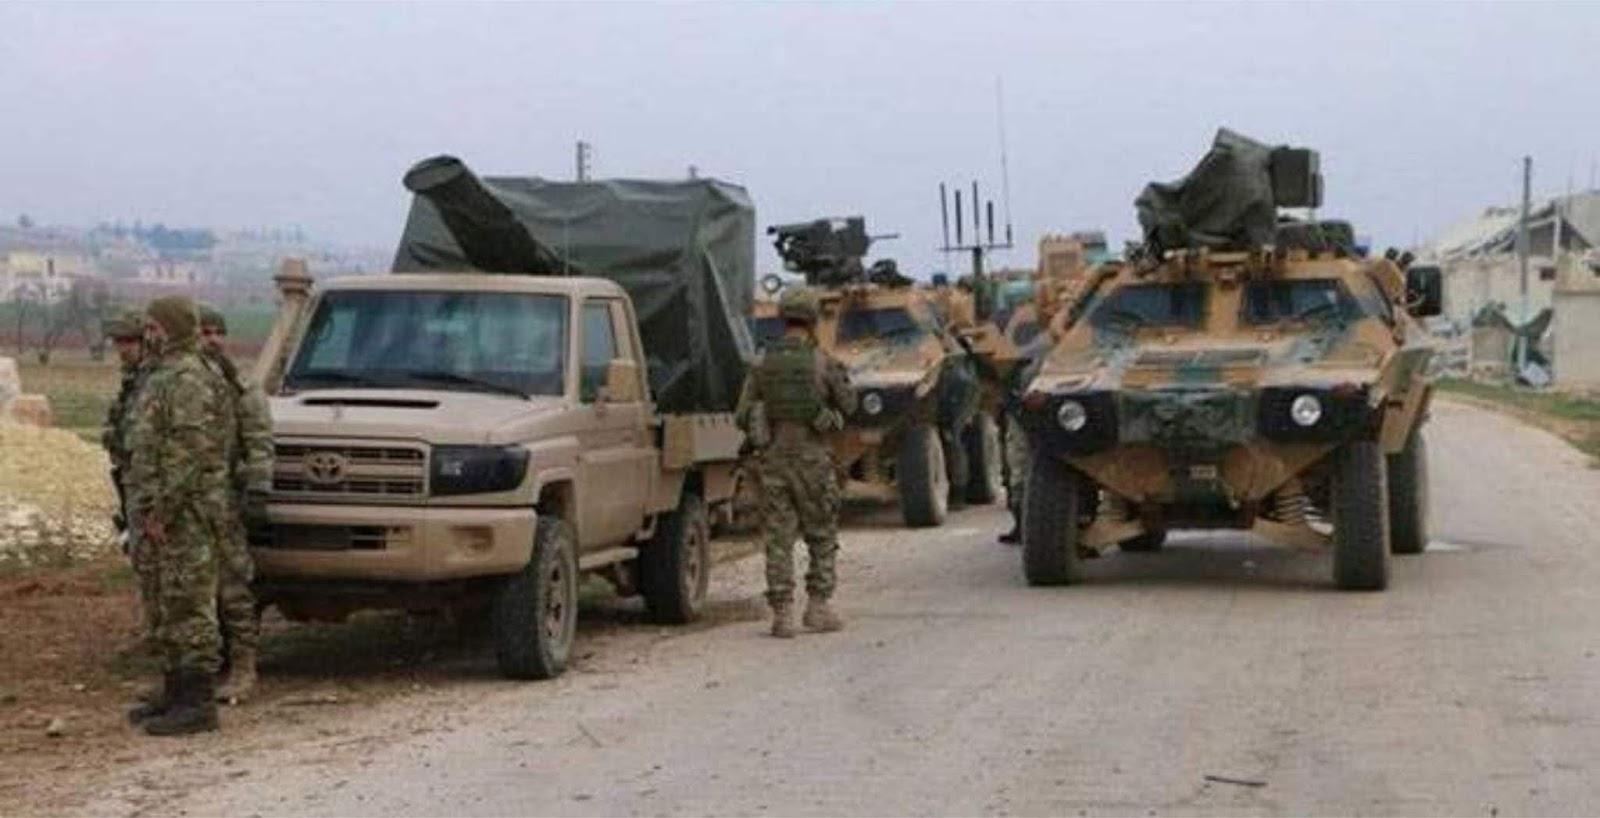 Pentagon menyebut operasi militer unilateral di Suriah timur laut tidak dapat diterima